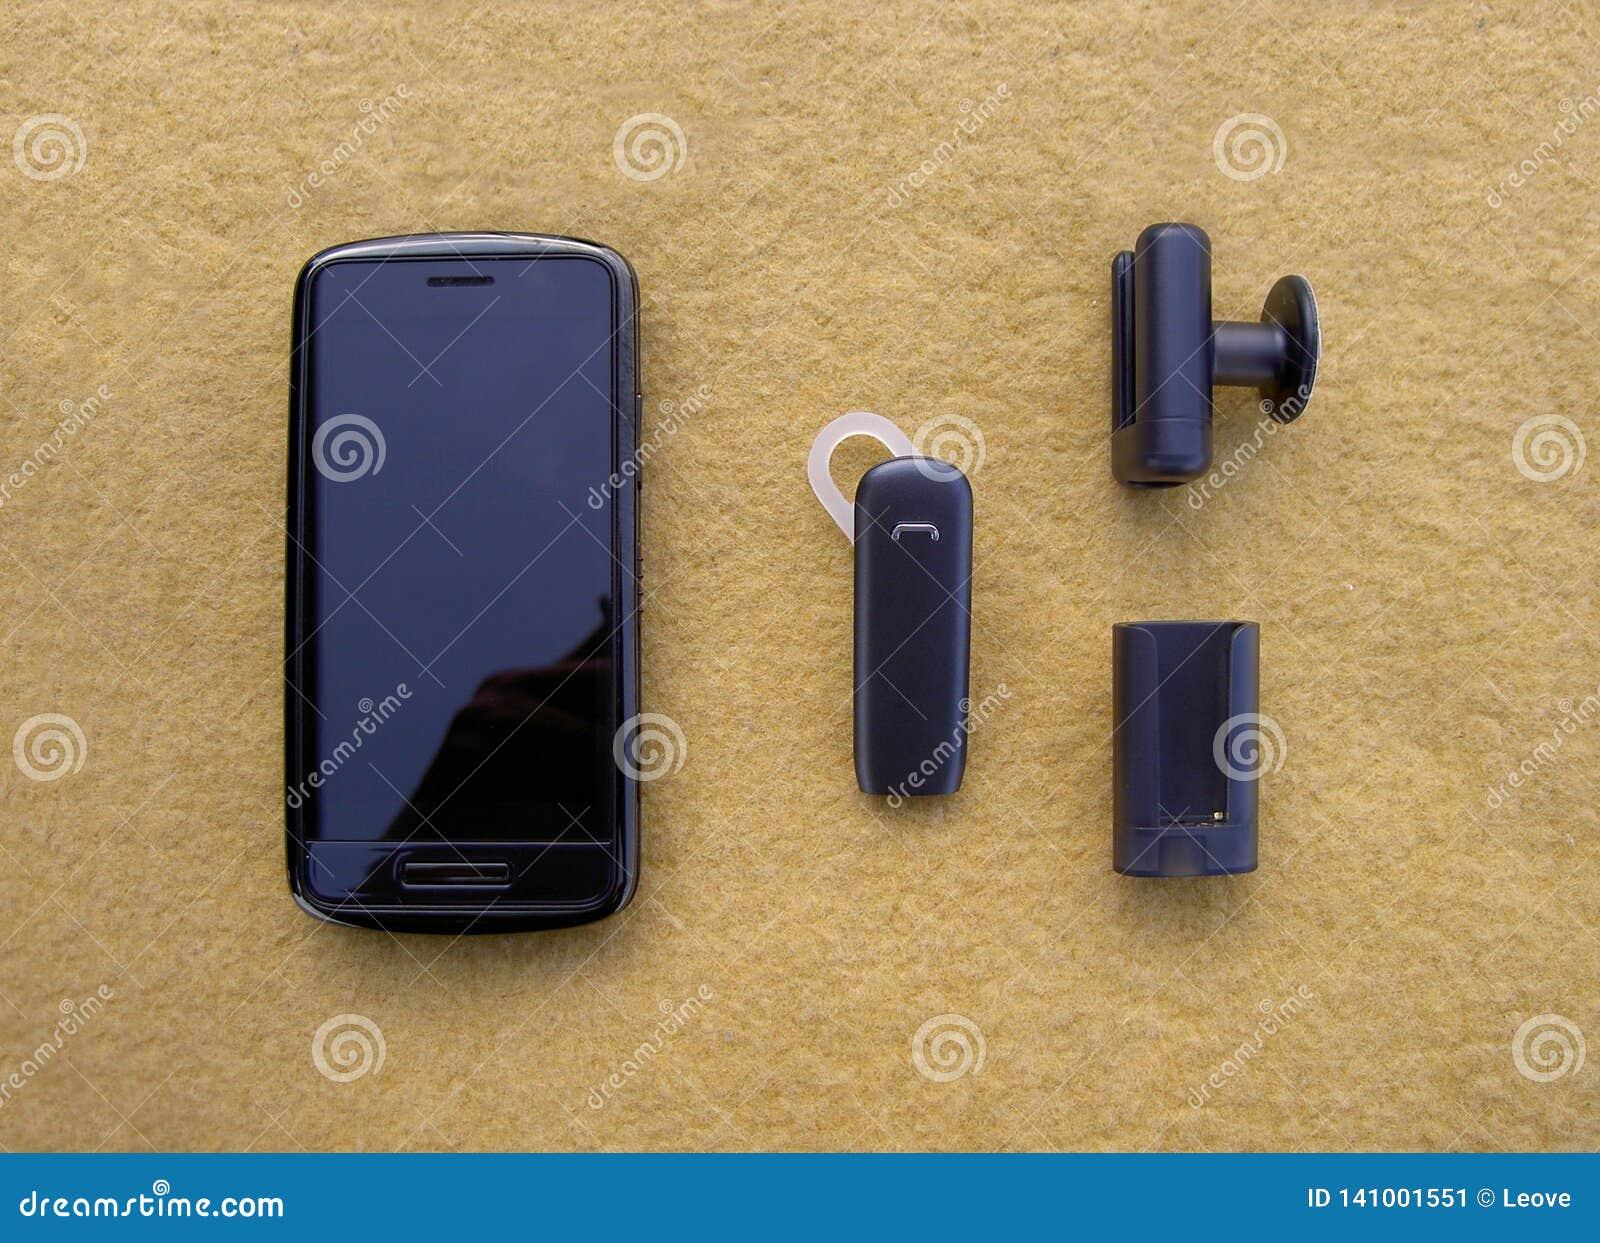 Noir de Smartphone, casque de bluetooth et supports mains libres